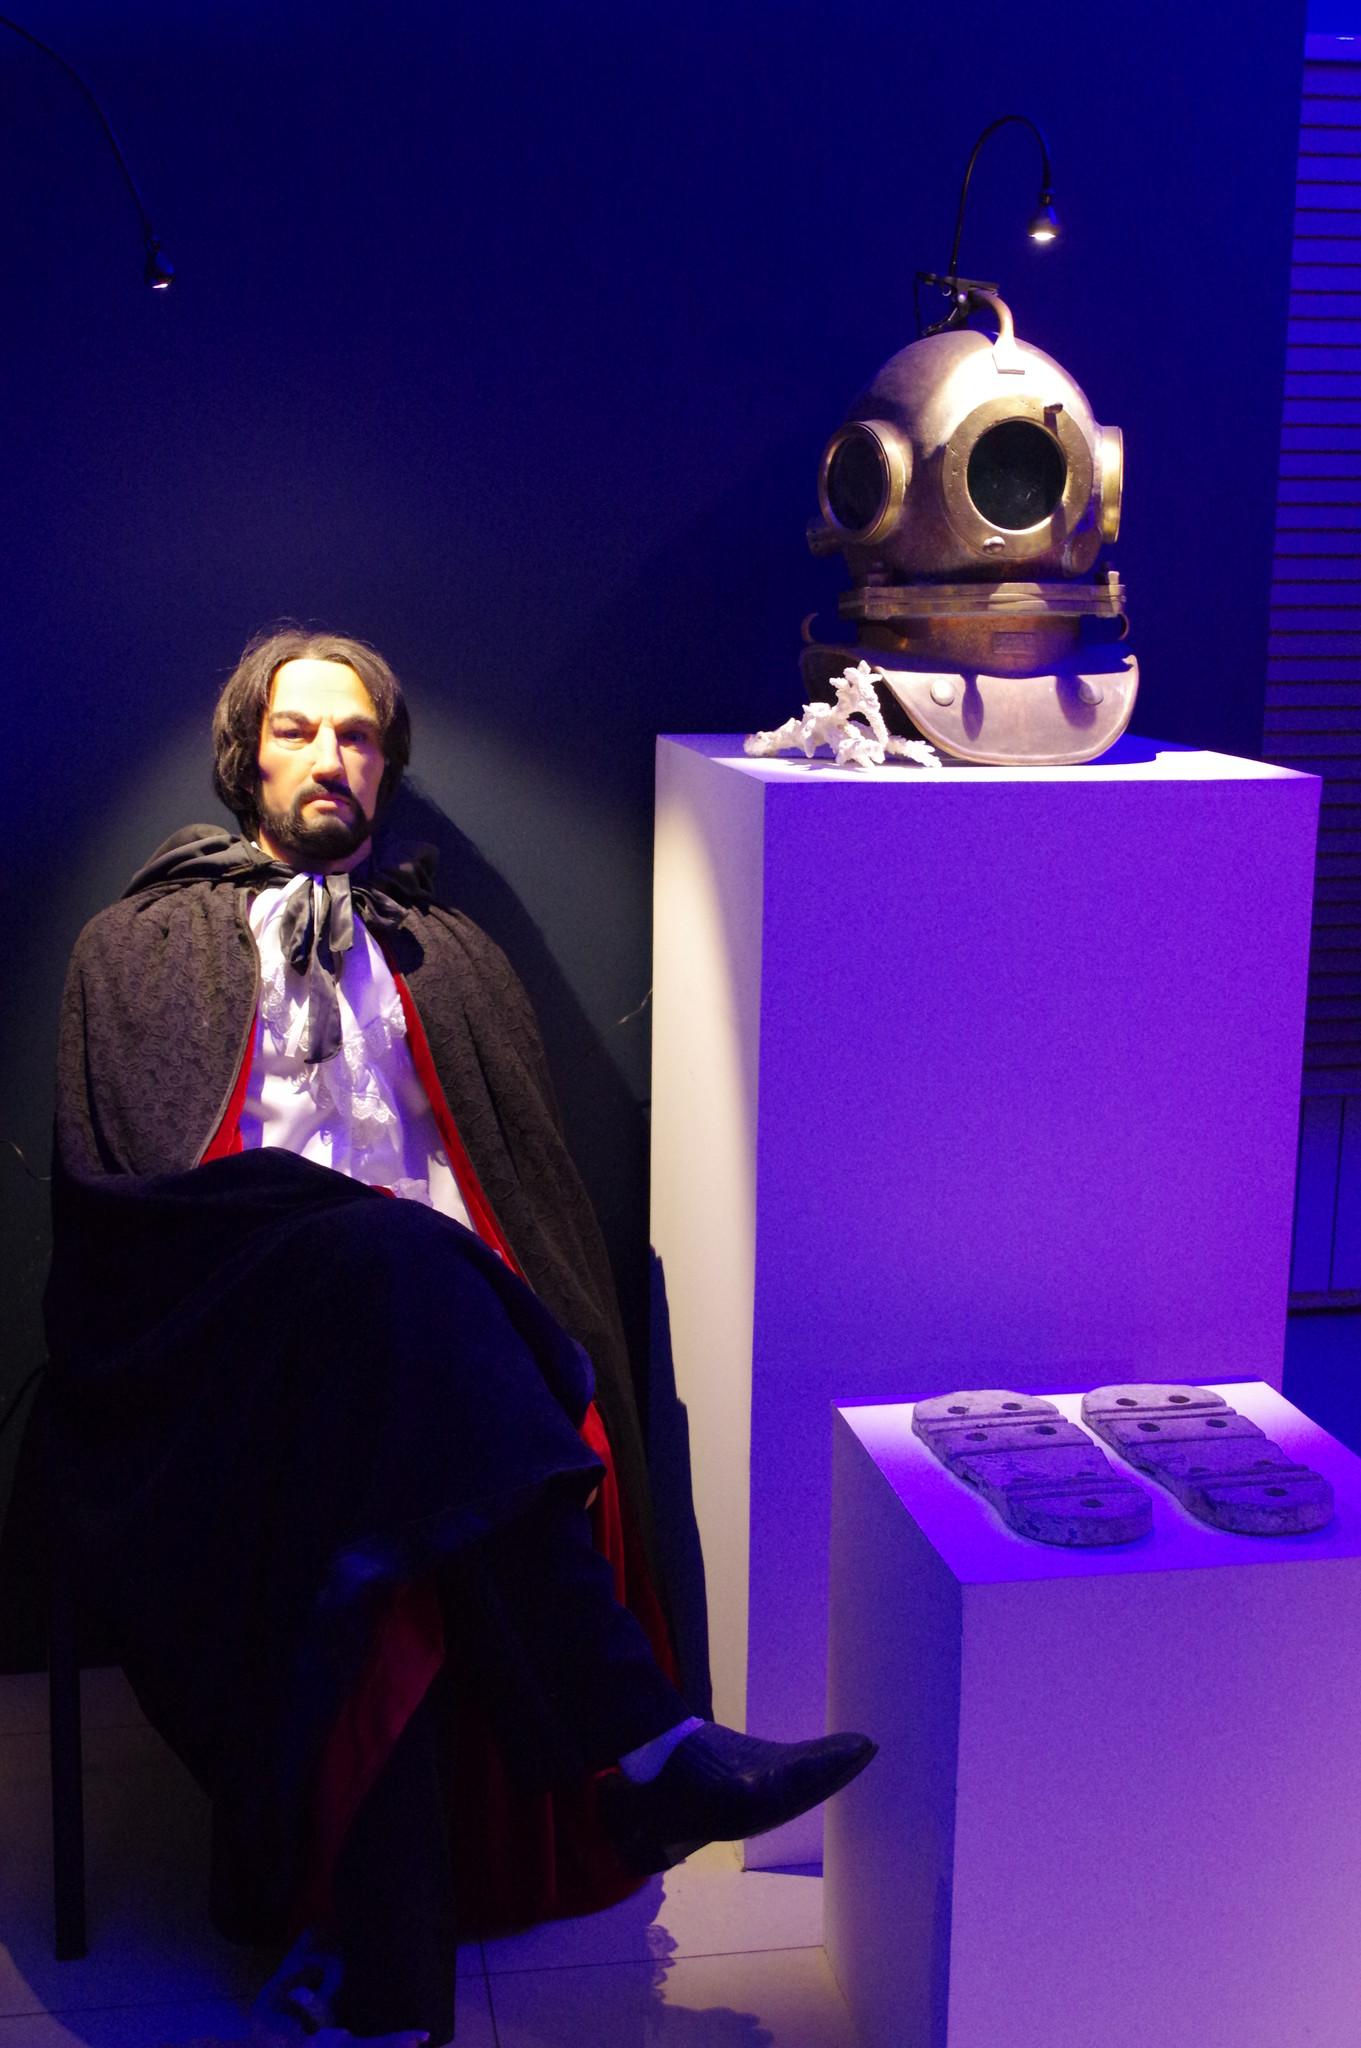 Музее истории аквариумистики (улица Арбат, дом 17)